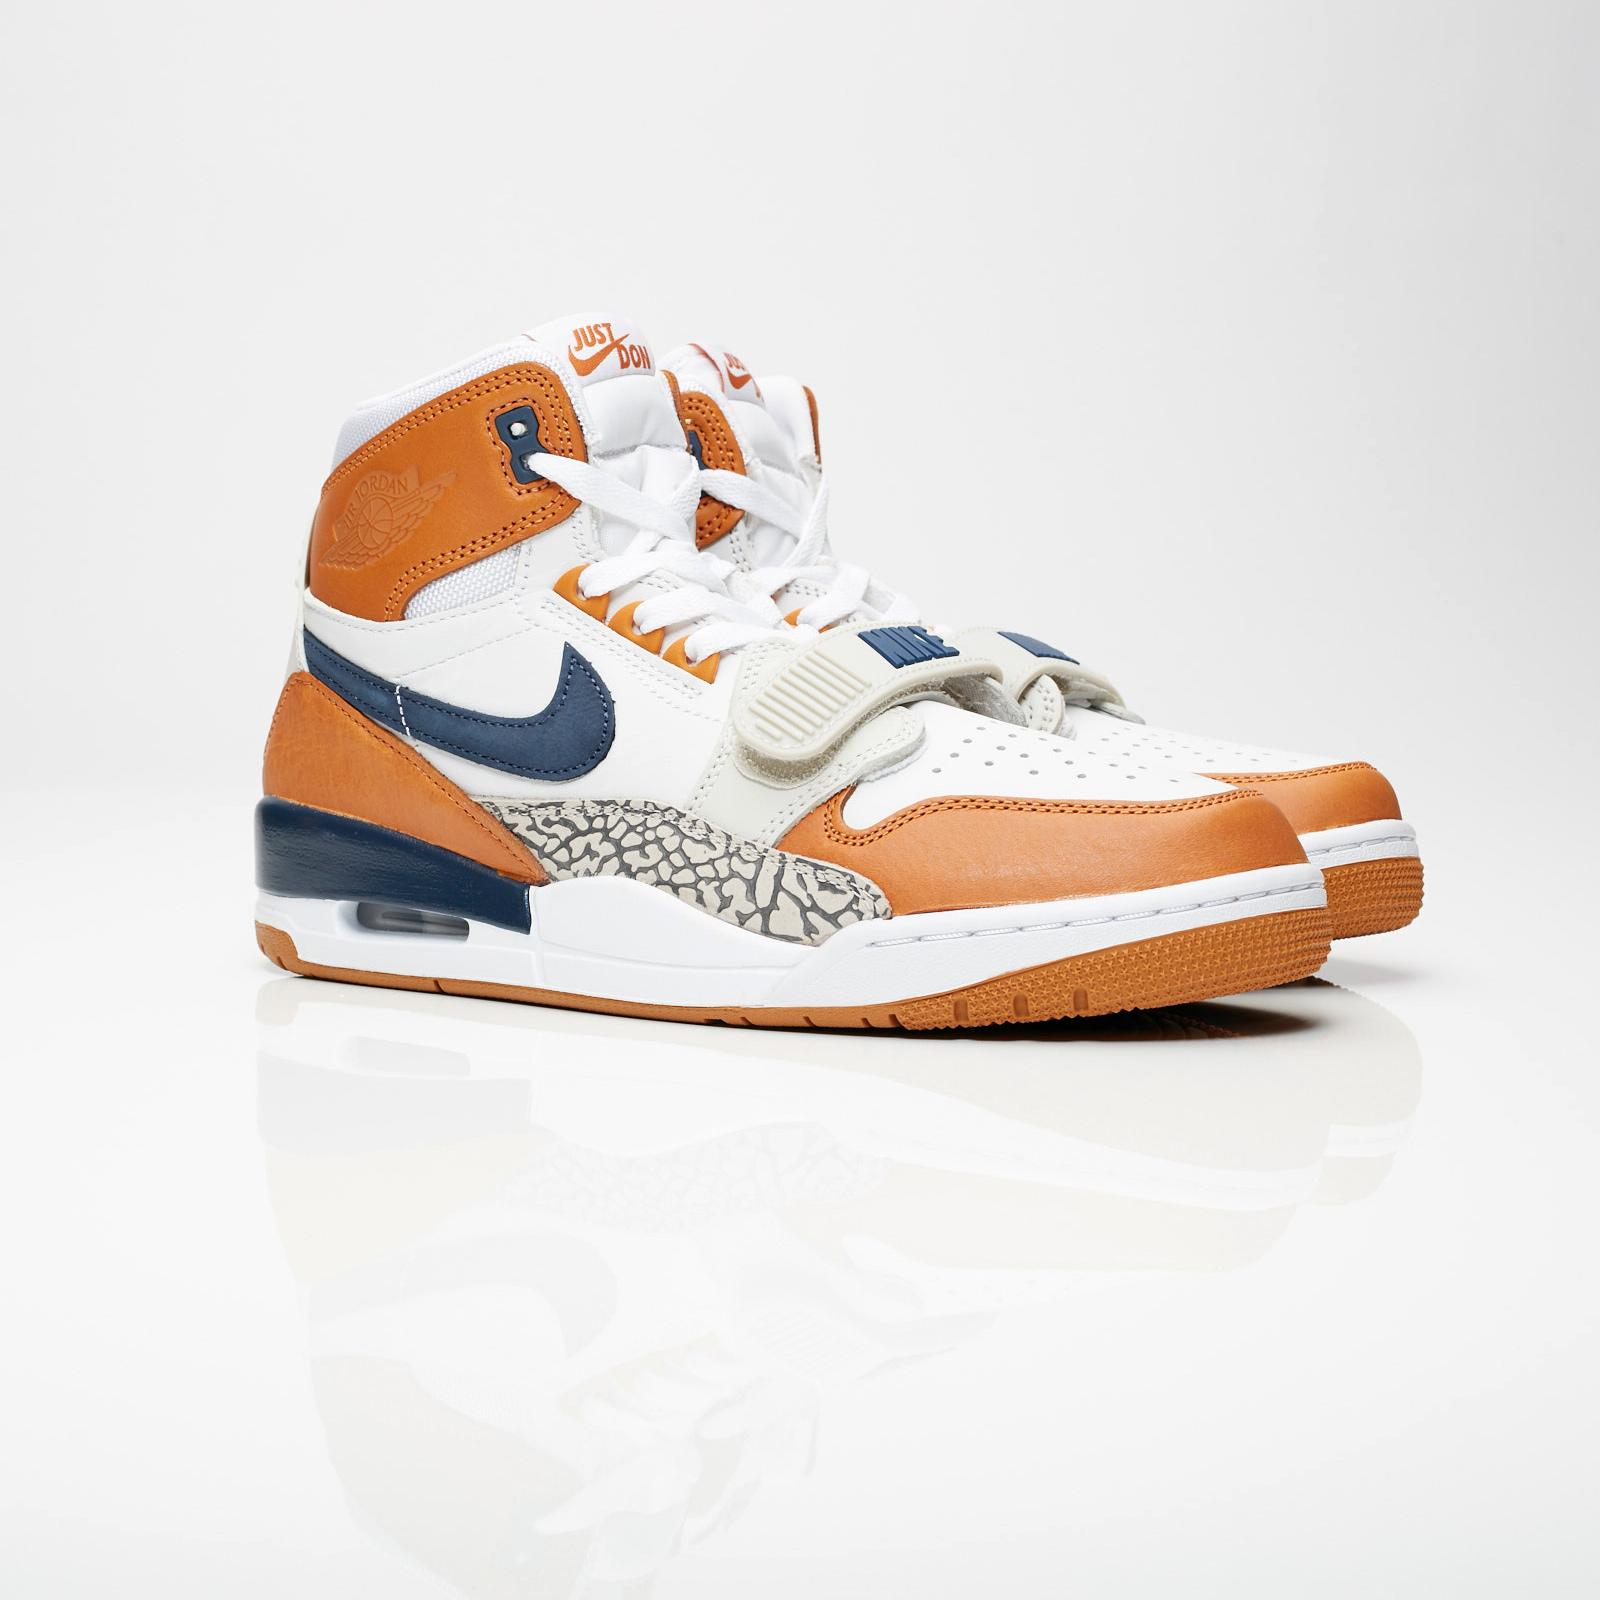 best sneakers fa8b5 dbc96 Jordan Brand Air Jordan Legacy 312